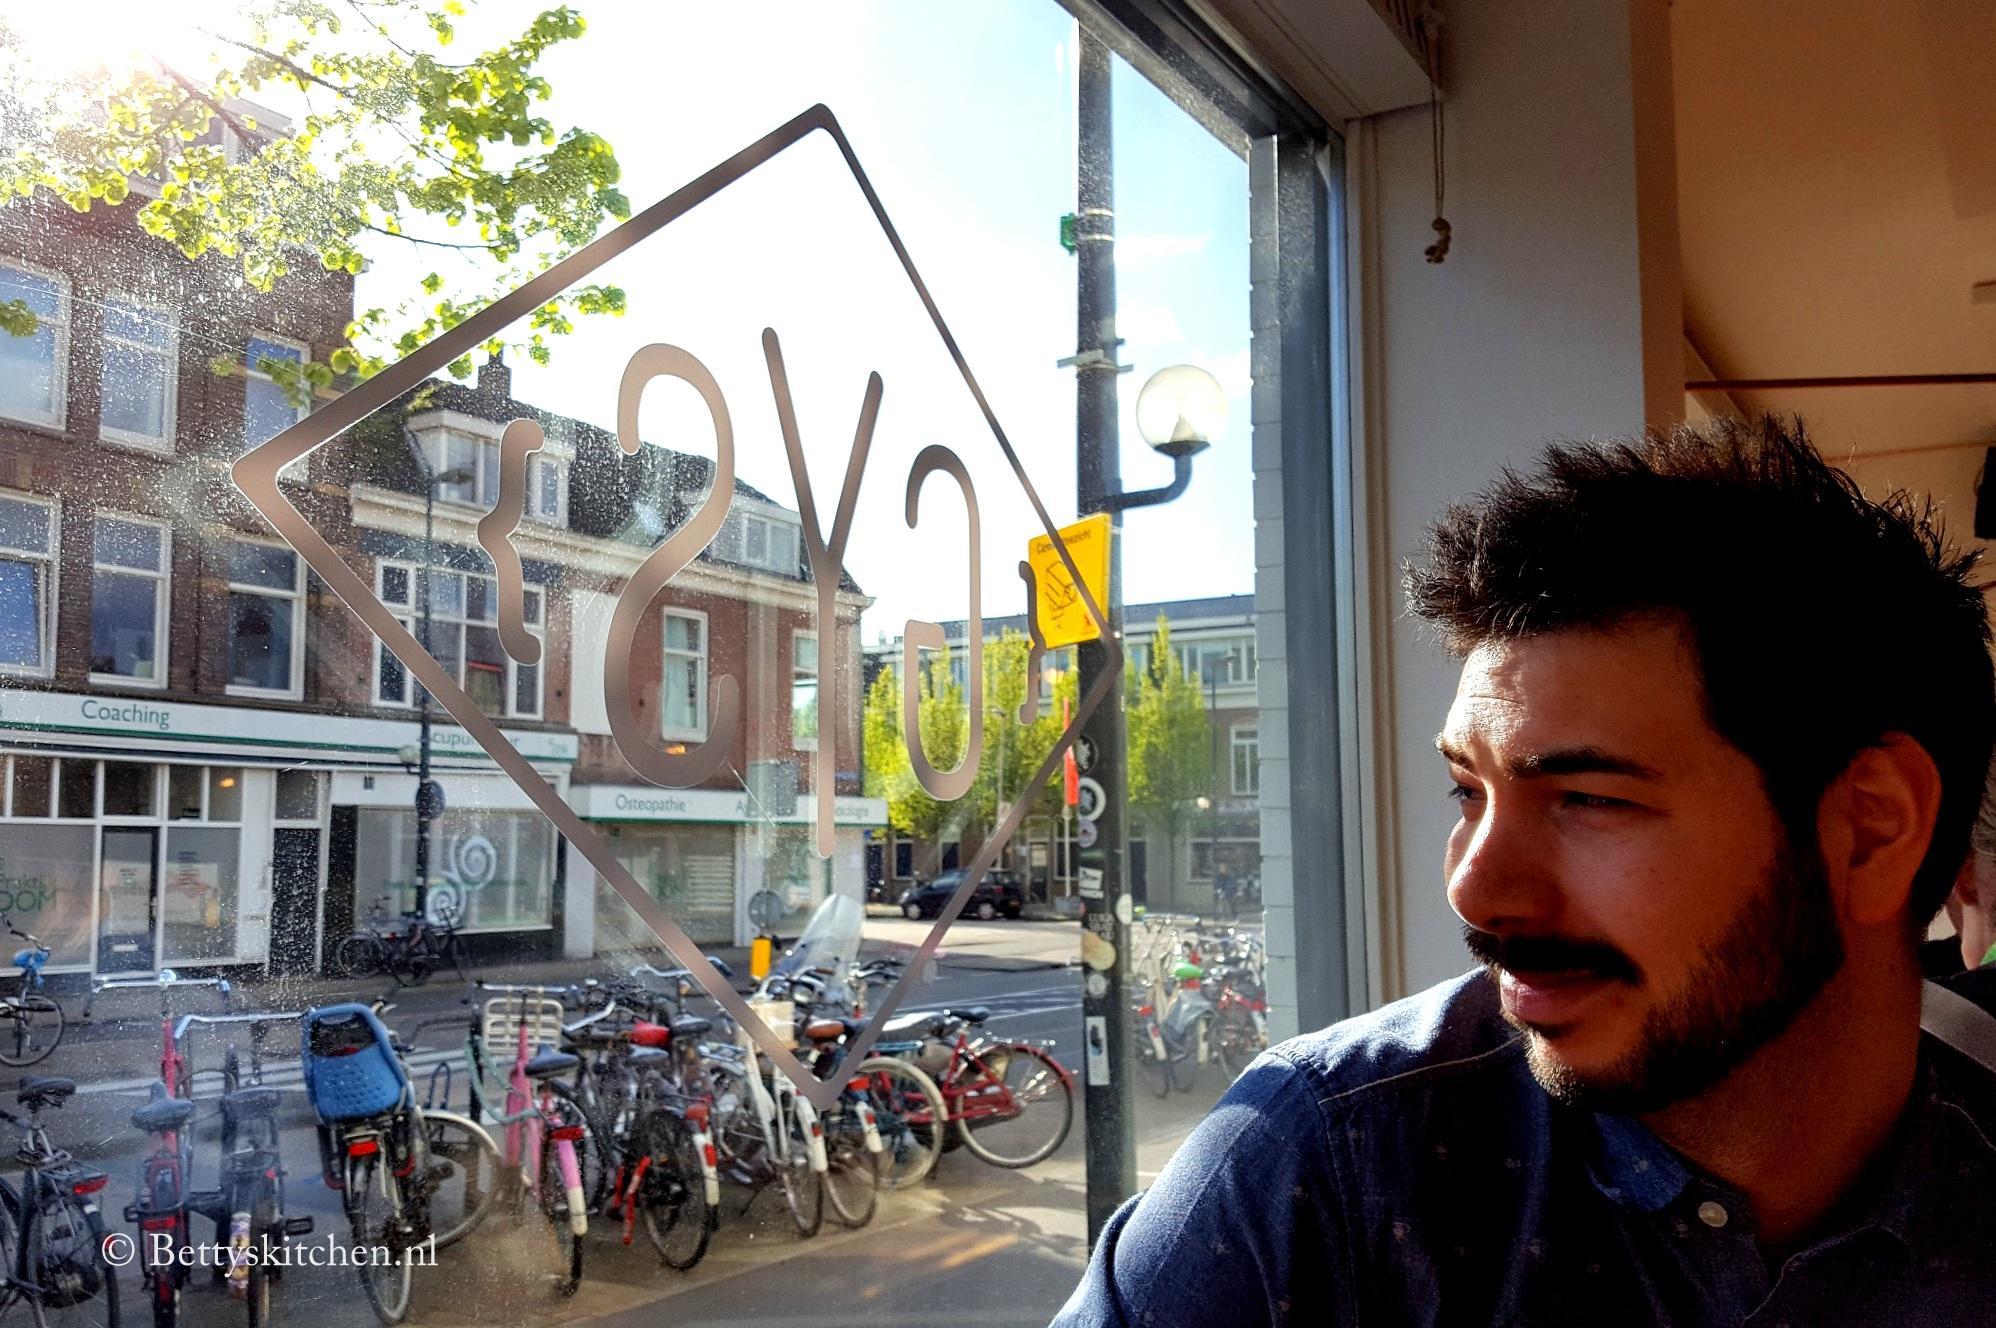 Biologisch Restaurant GYS in Utrecht